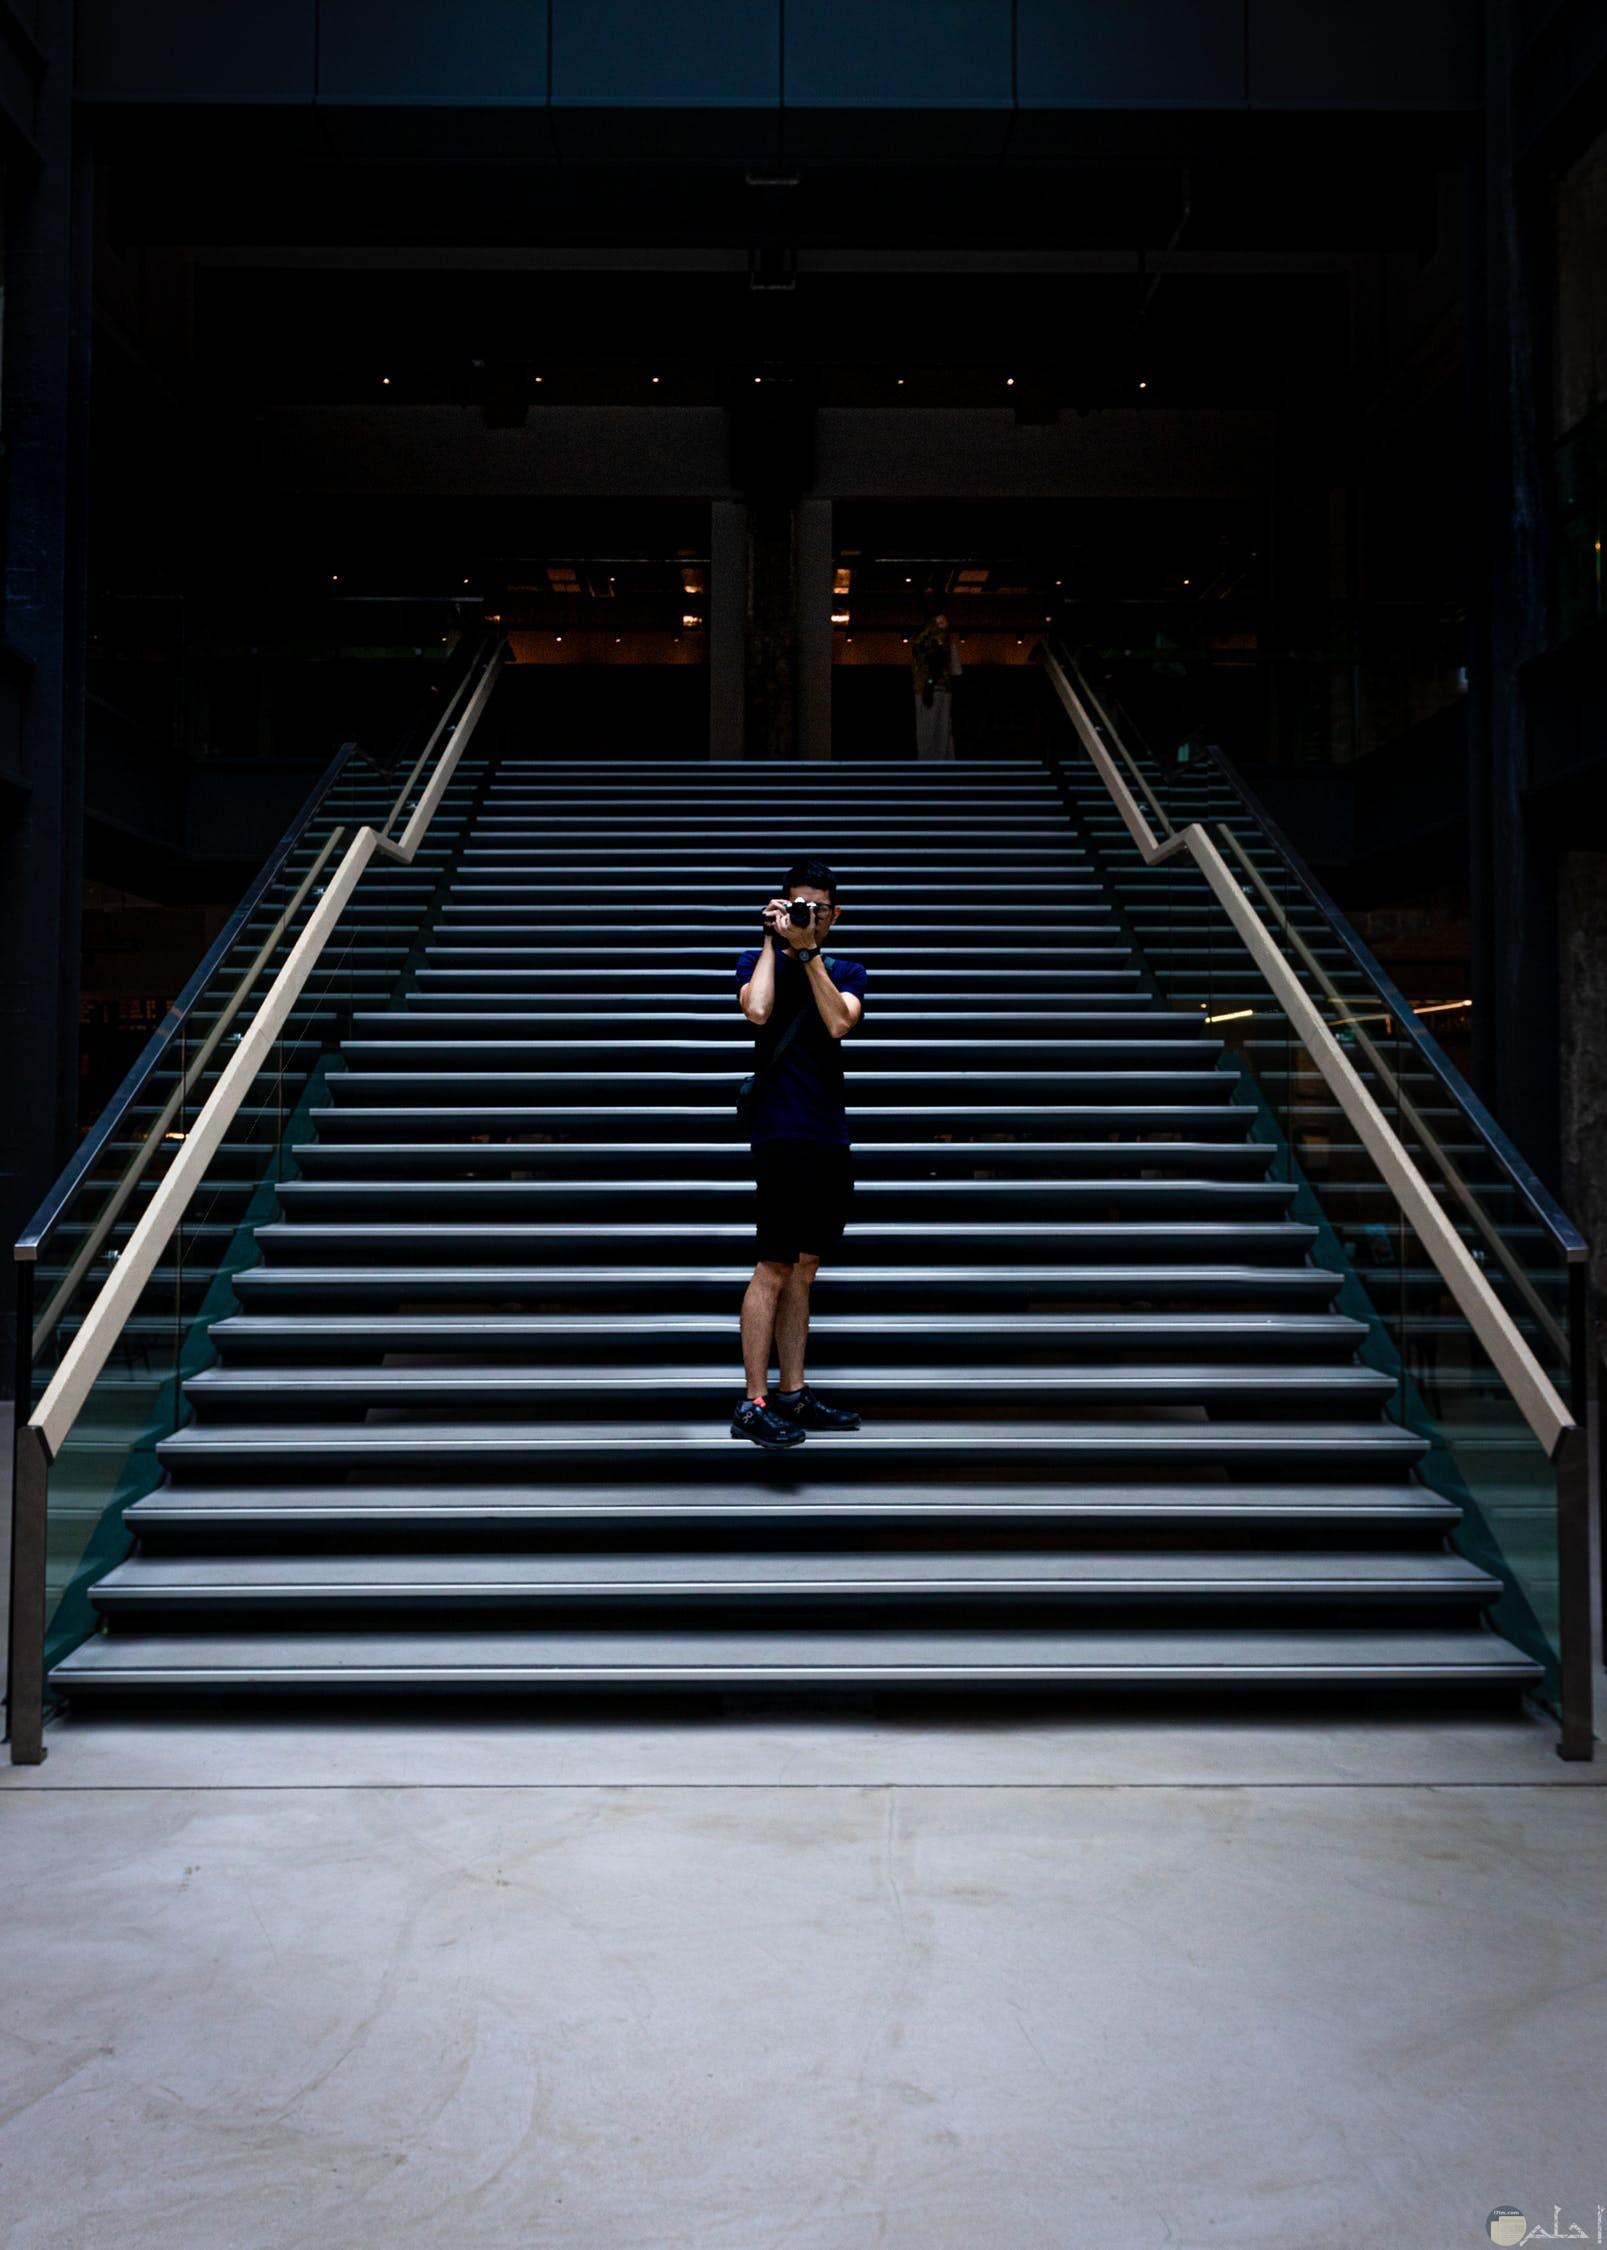 صوره فتاه تقف علي سلم ترتدي طقم اسود وبيدها كاميرا تصوير تقوم بالتصوير بها